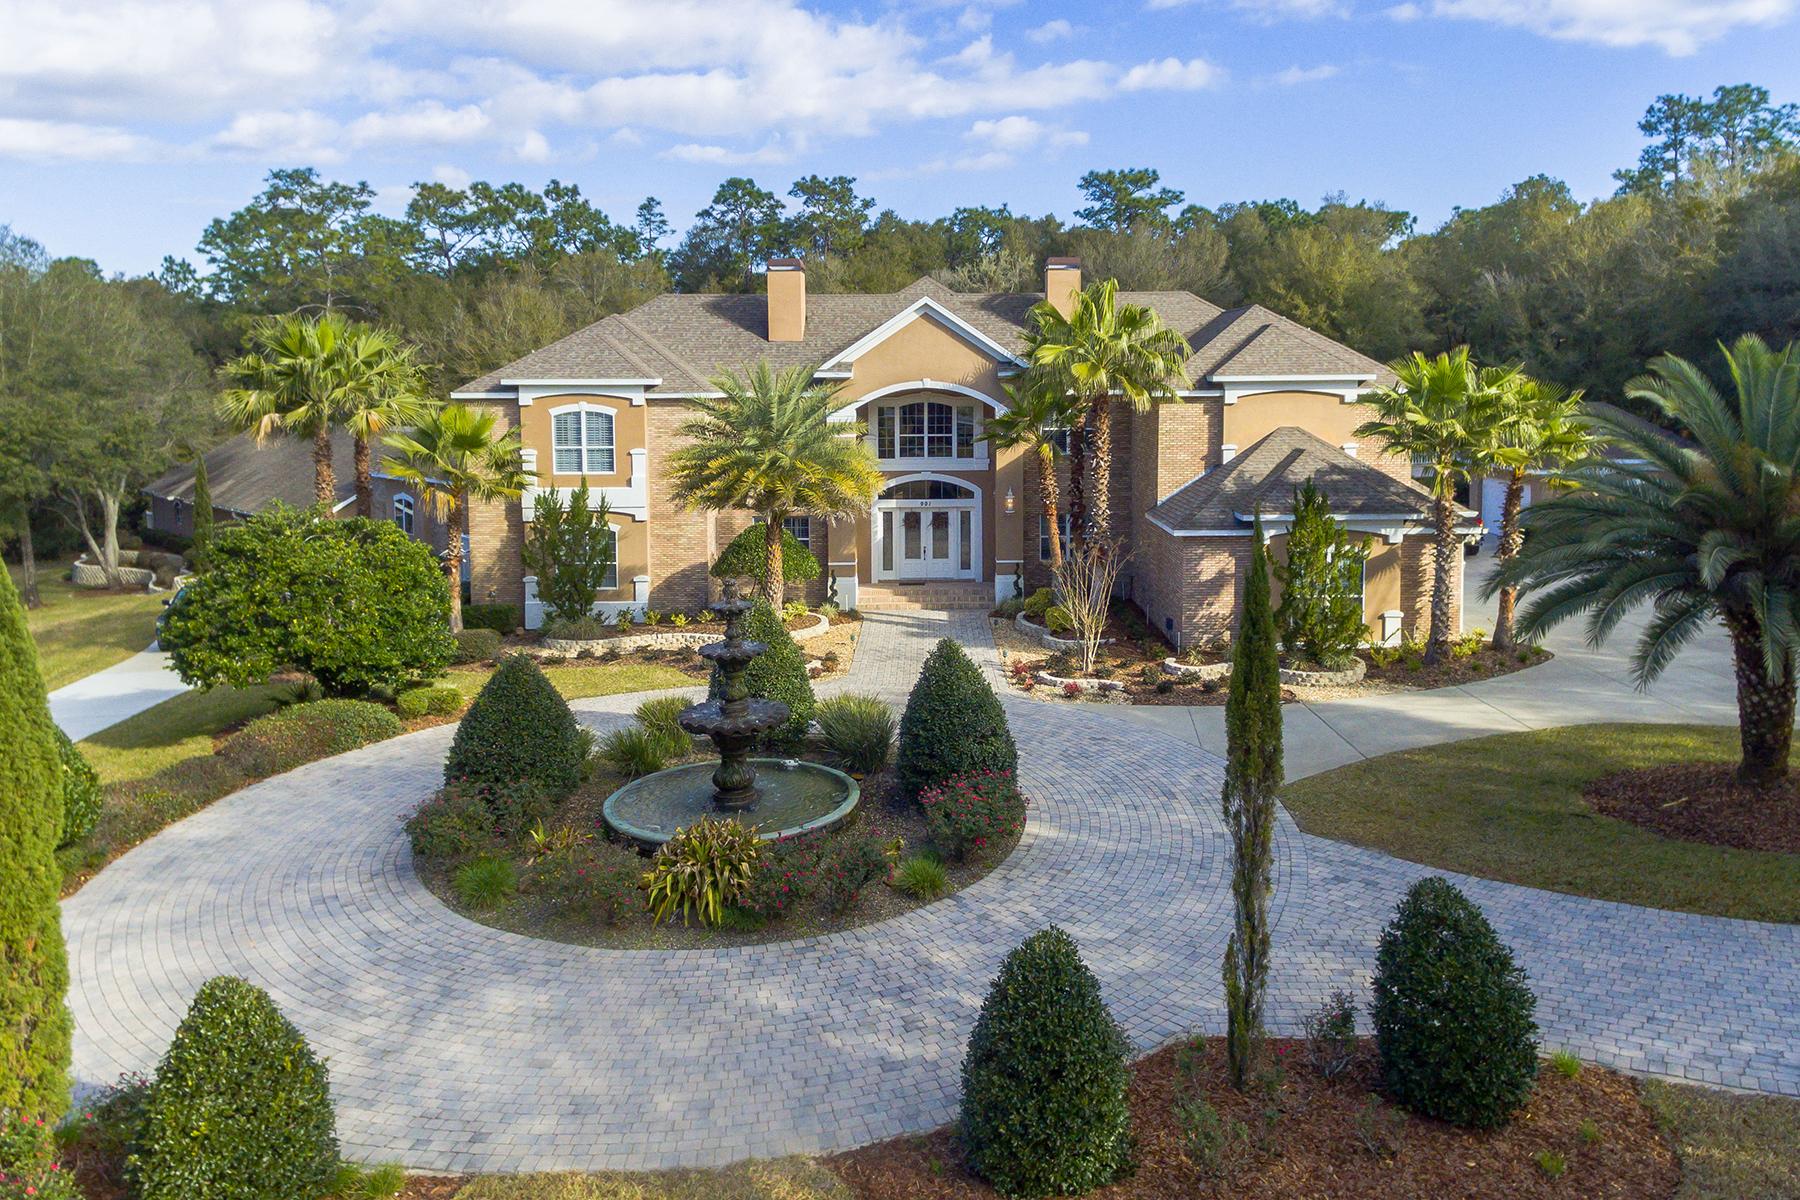 Maison unifamiliale pour l Vente à DELAND 901 Lincoln Rd Deland, Florida, 32724 États-Unis